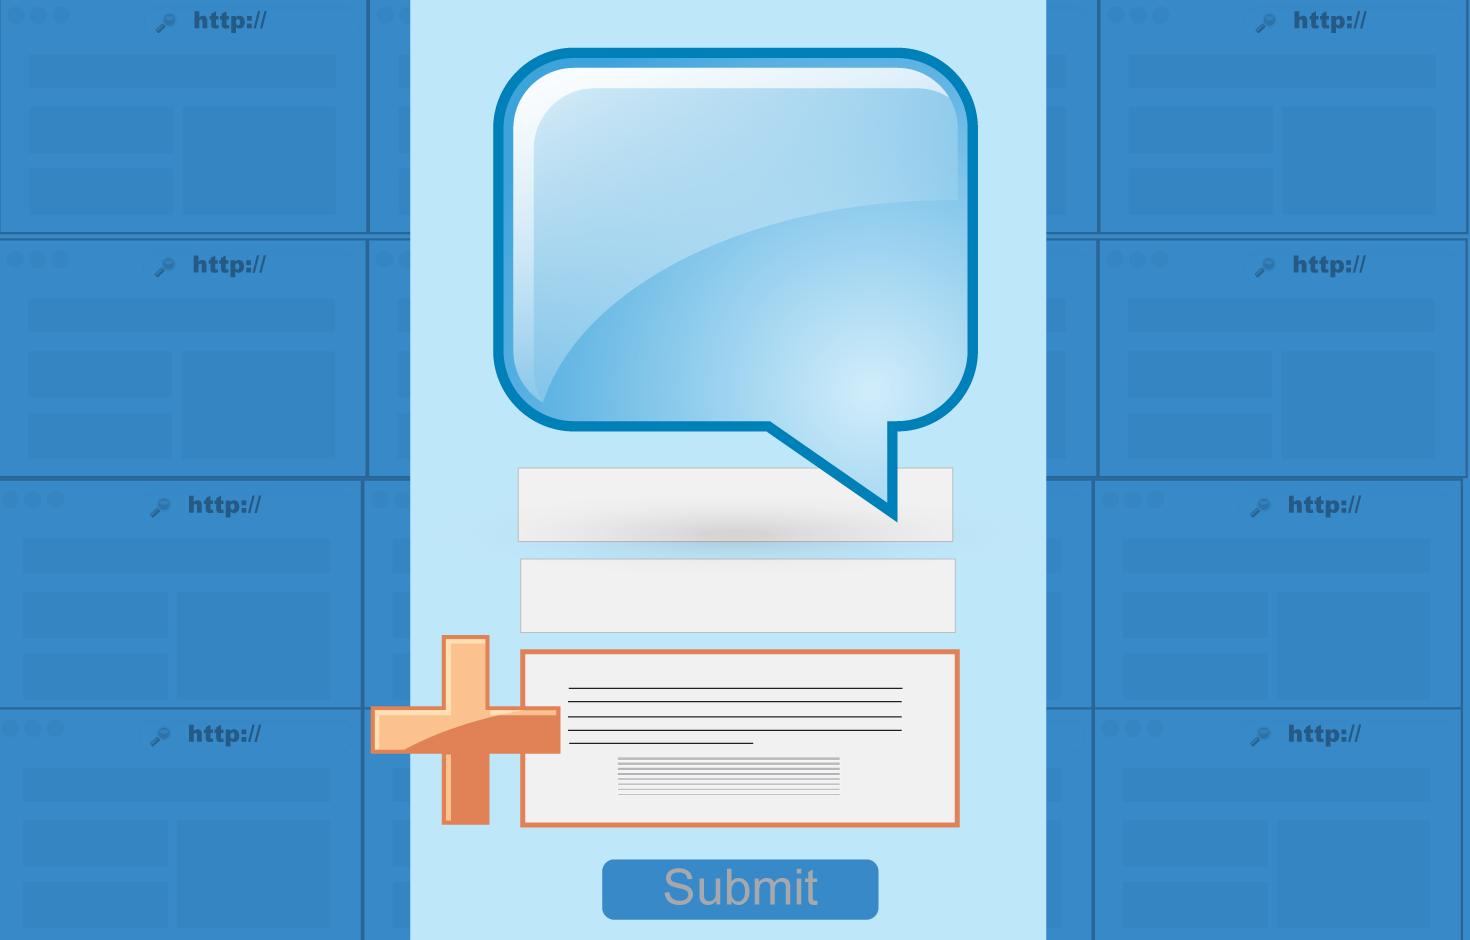 WPMU DEV Comment Form Text